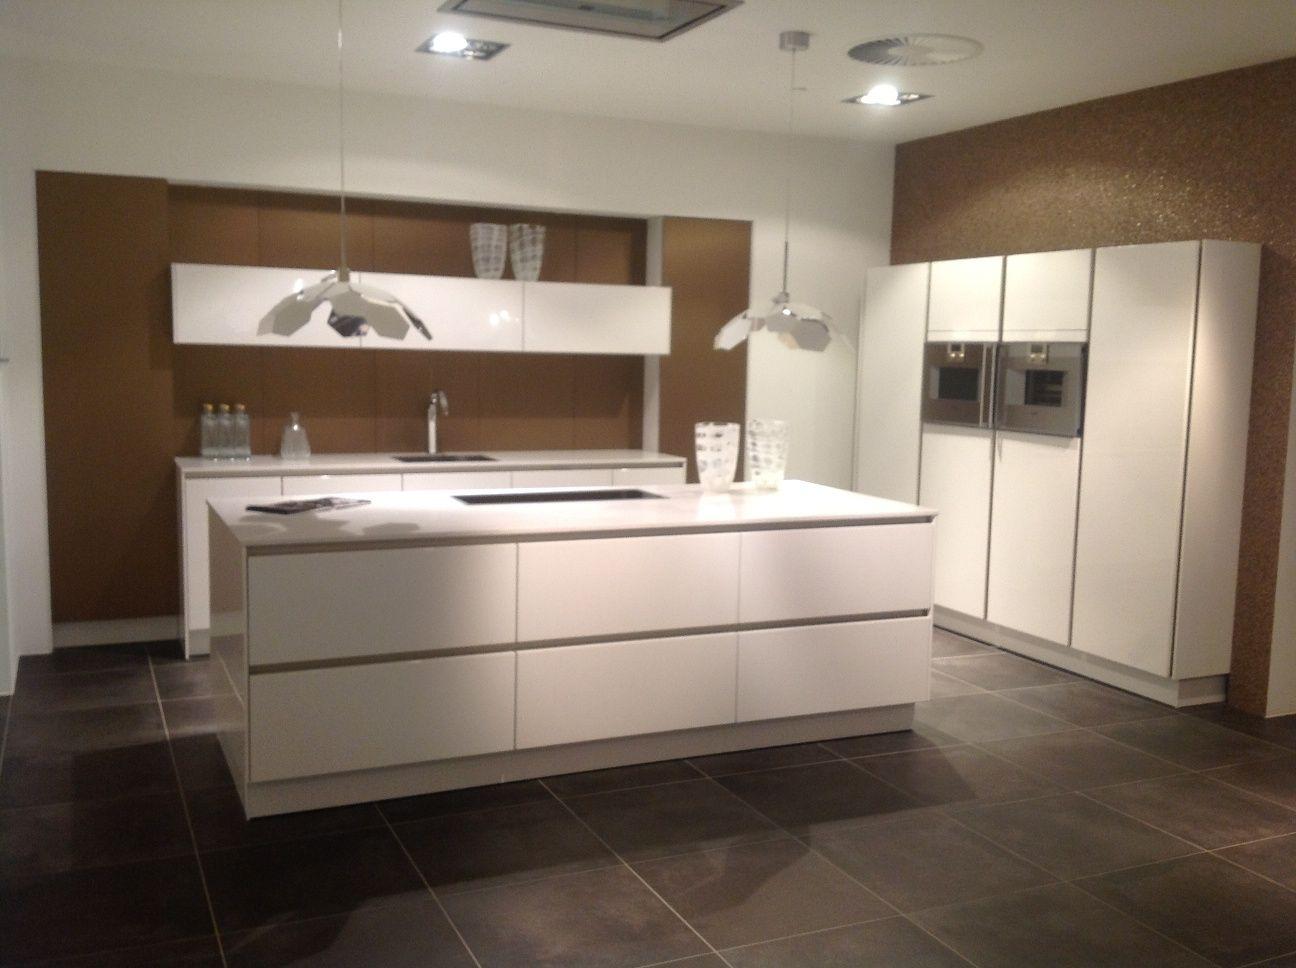 Design Keuken Showroom : Siematic showroomkeukens siematic showroomkeuken aanbiedingen